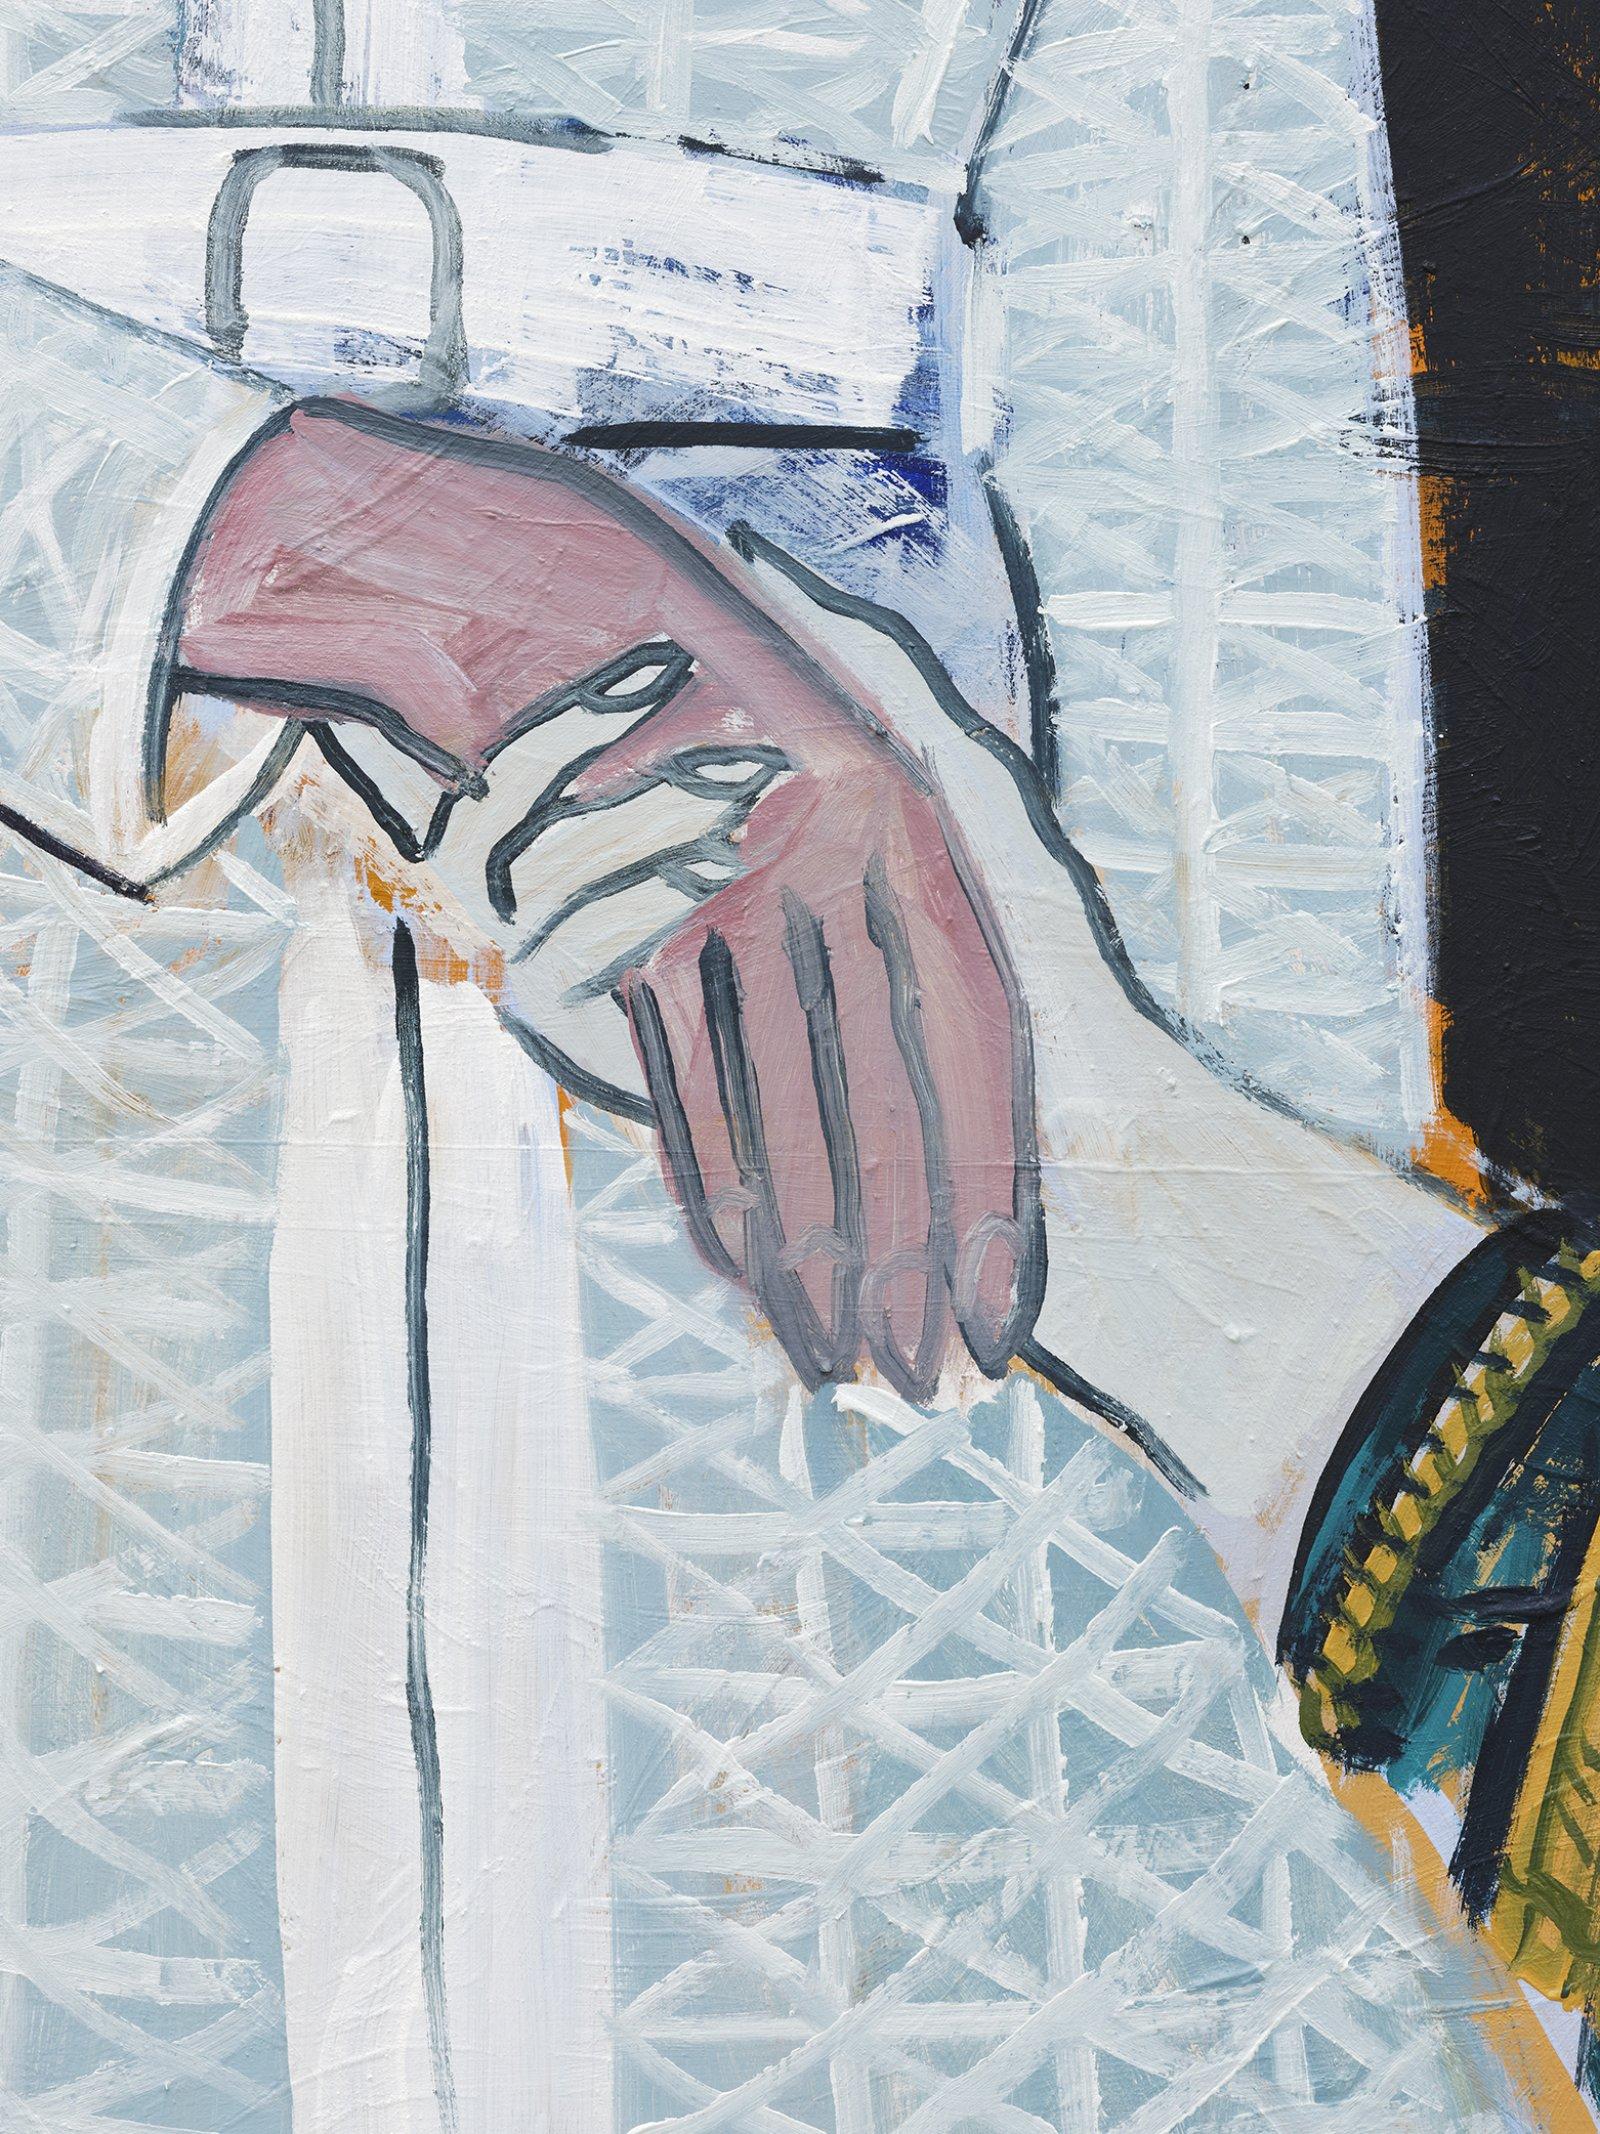 Damian Moppett, Patron (White Dress) (detail), 2020, oil on canvas, 50 x 58 in. (126 x 148 cm) by Damian Moppett